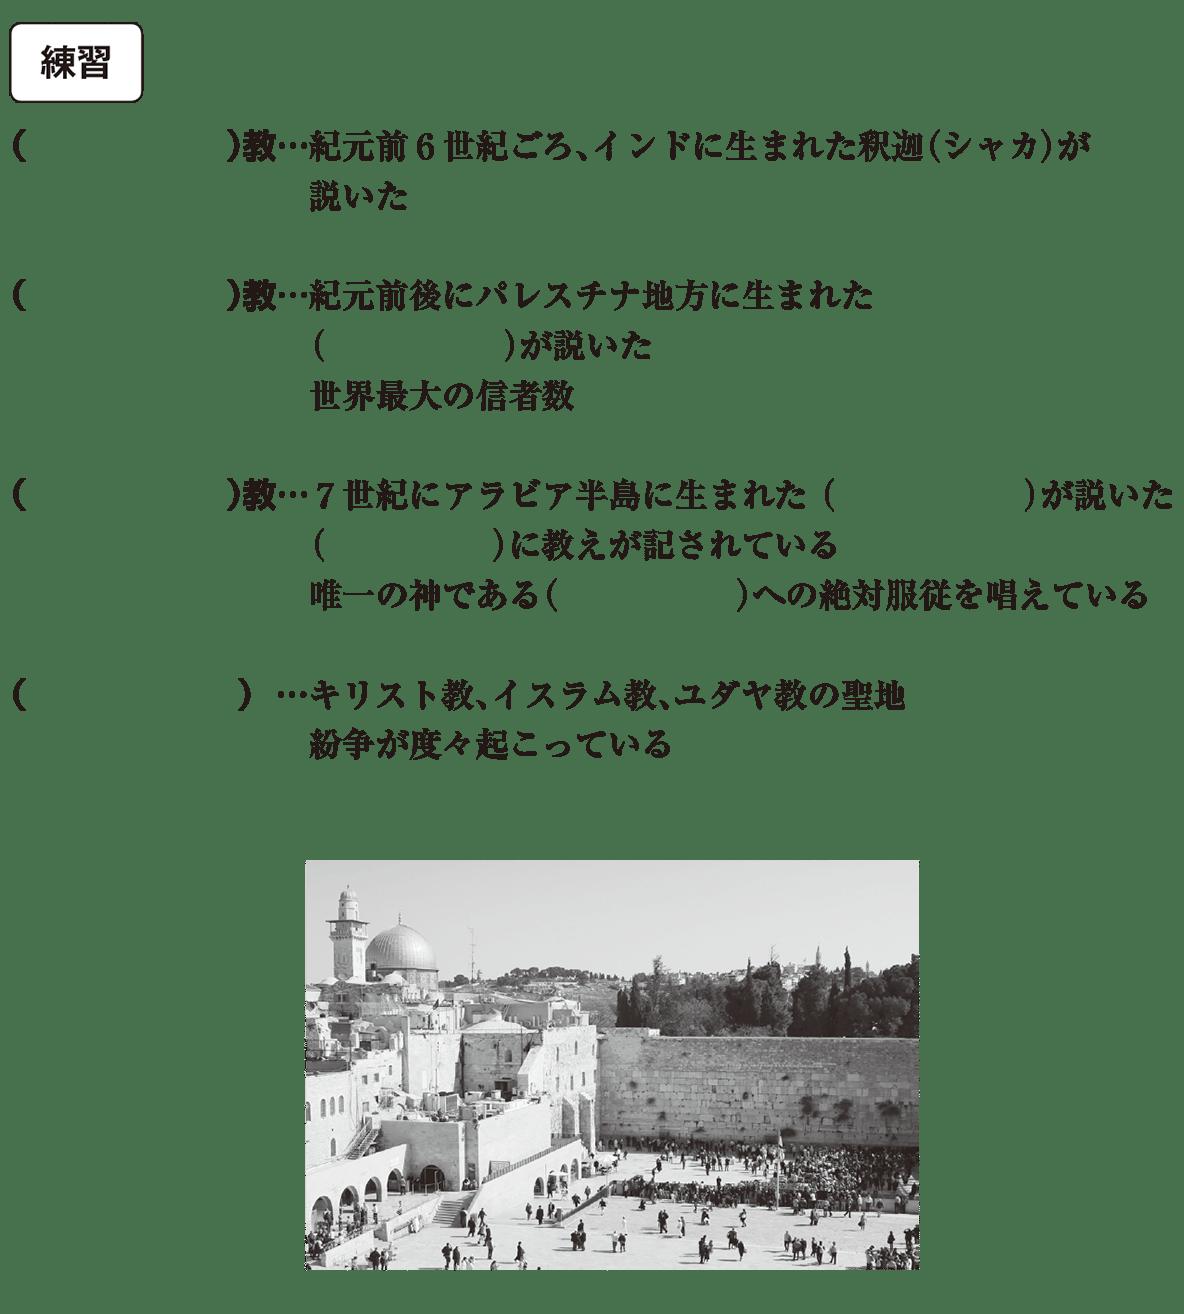 中学歴史3 練習 カッコ空欄